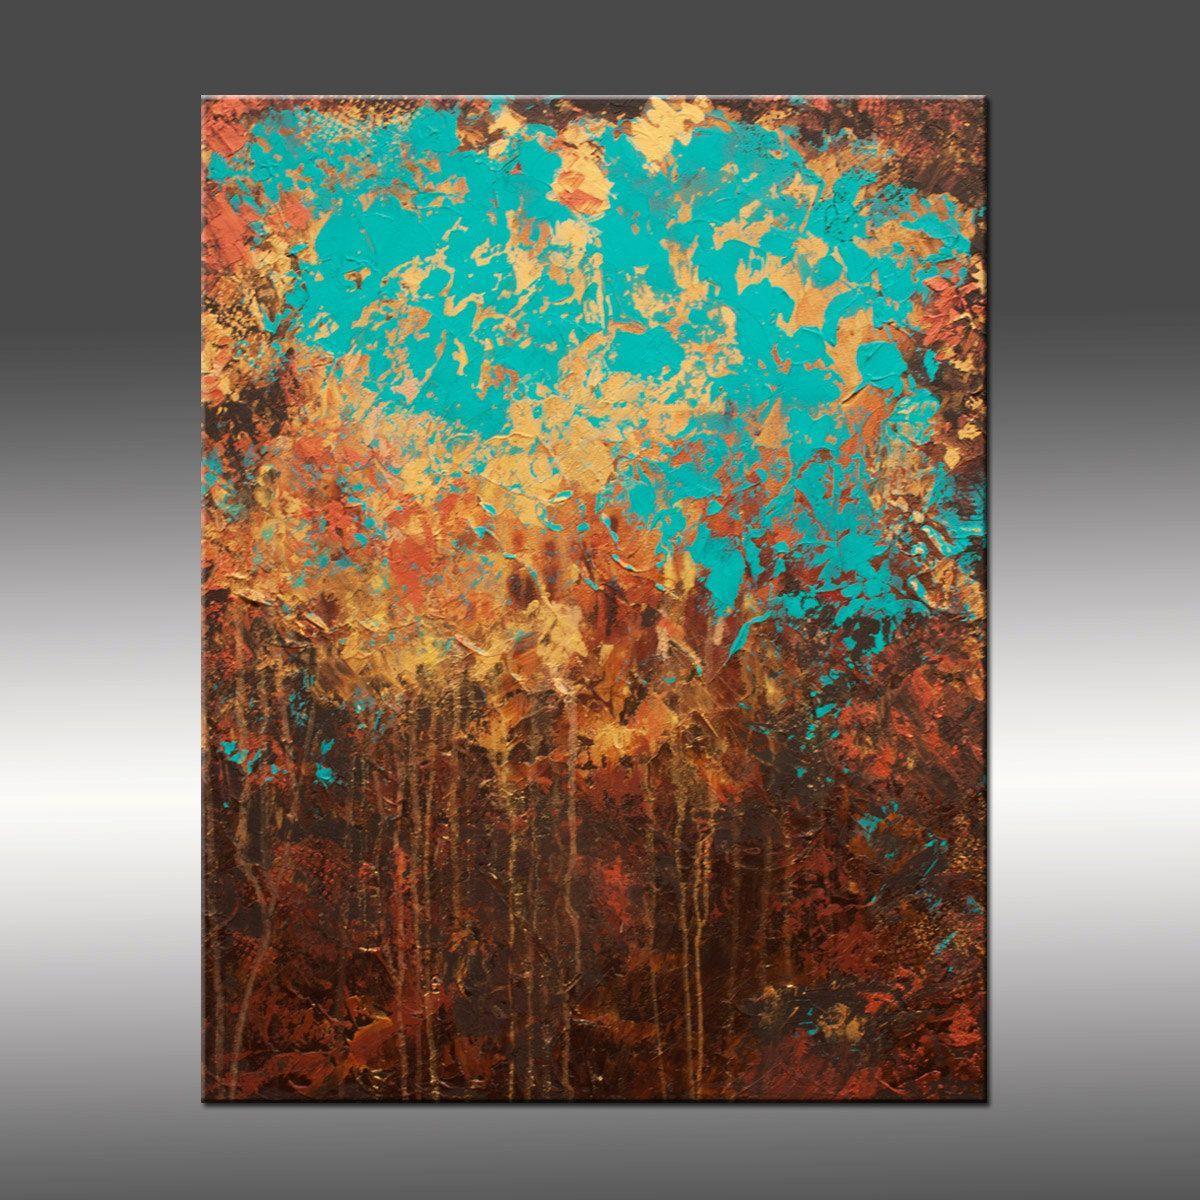 Pintura moderna abstracta original t tulo despertar por - Pinturas acrilicas modernas ...